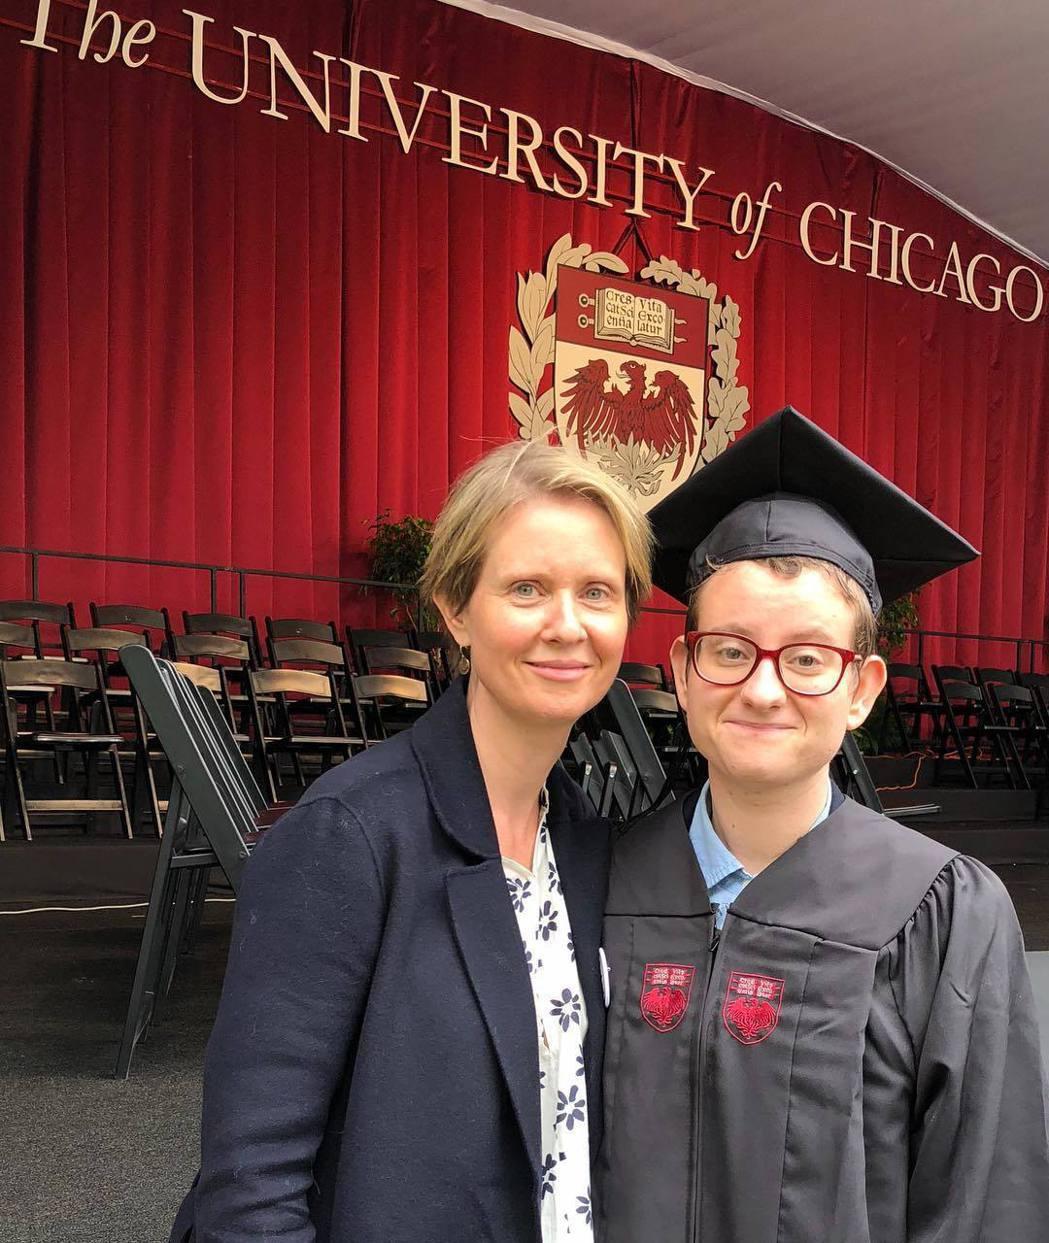 辛西亞尼克森的女兒已變性為男人,她開心宣布兒子大學畢業。圖/摘自Instagra